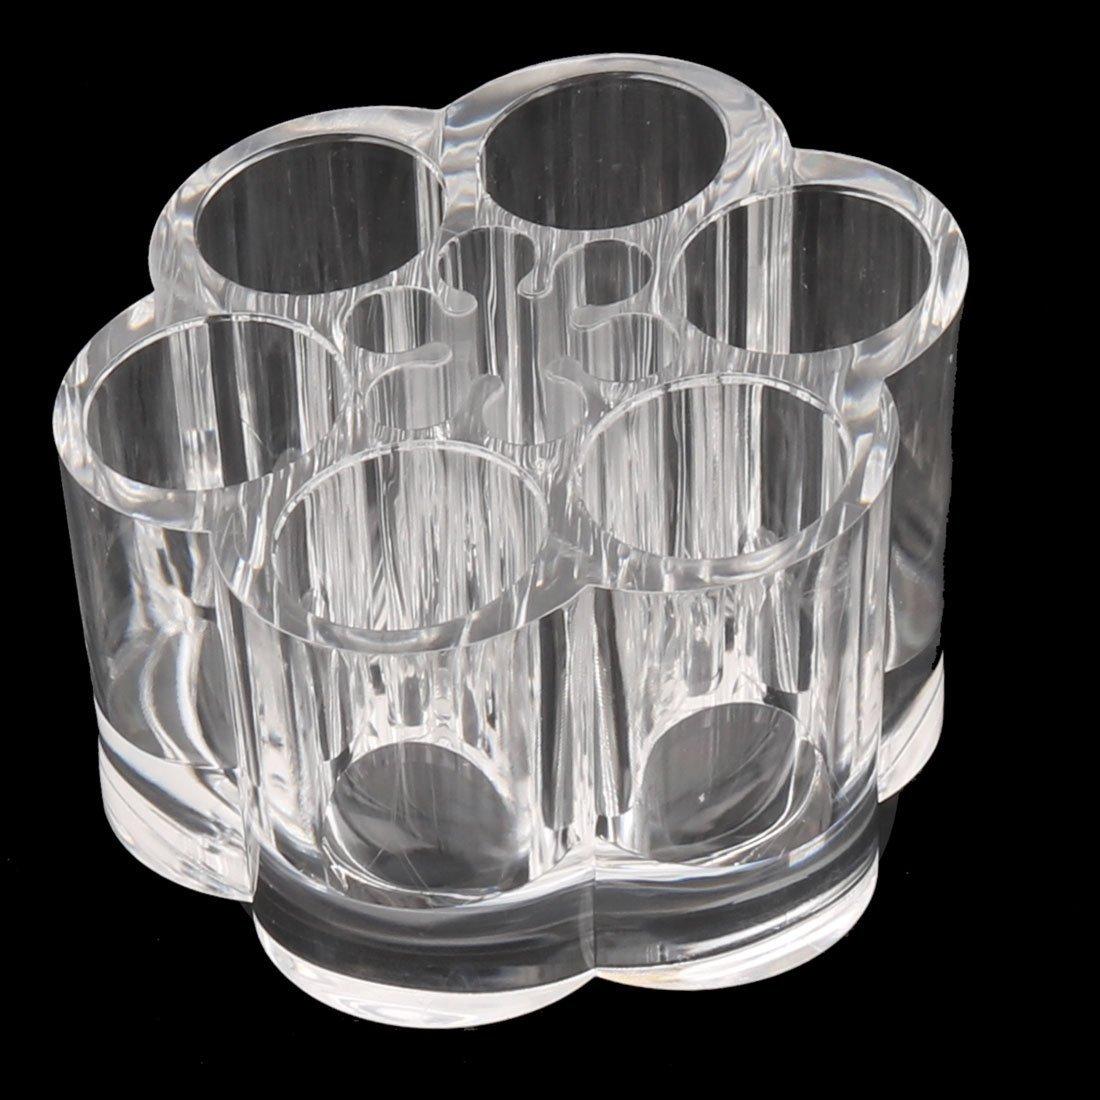 Amazon.com: eDealMax Forma Flor de acrílico del lápiz Labial cepillo cosmética caja de la joyería del sostenedor del organizador Claro: Home & Kitchen